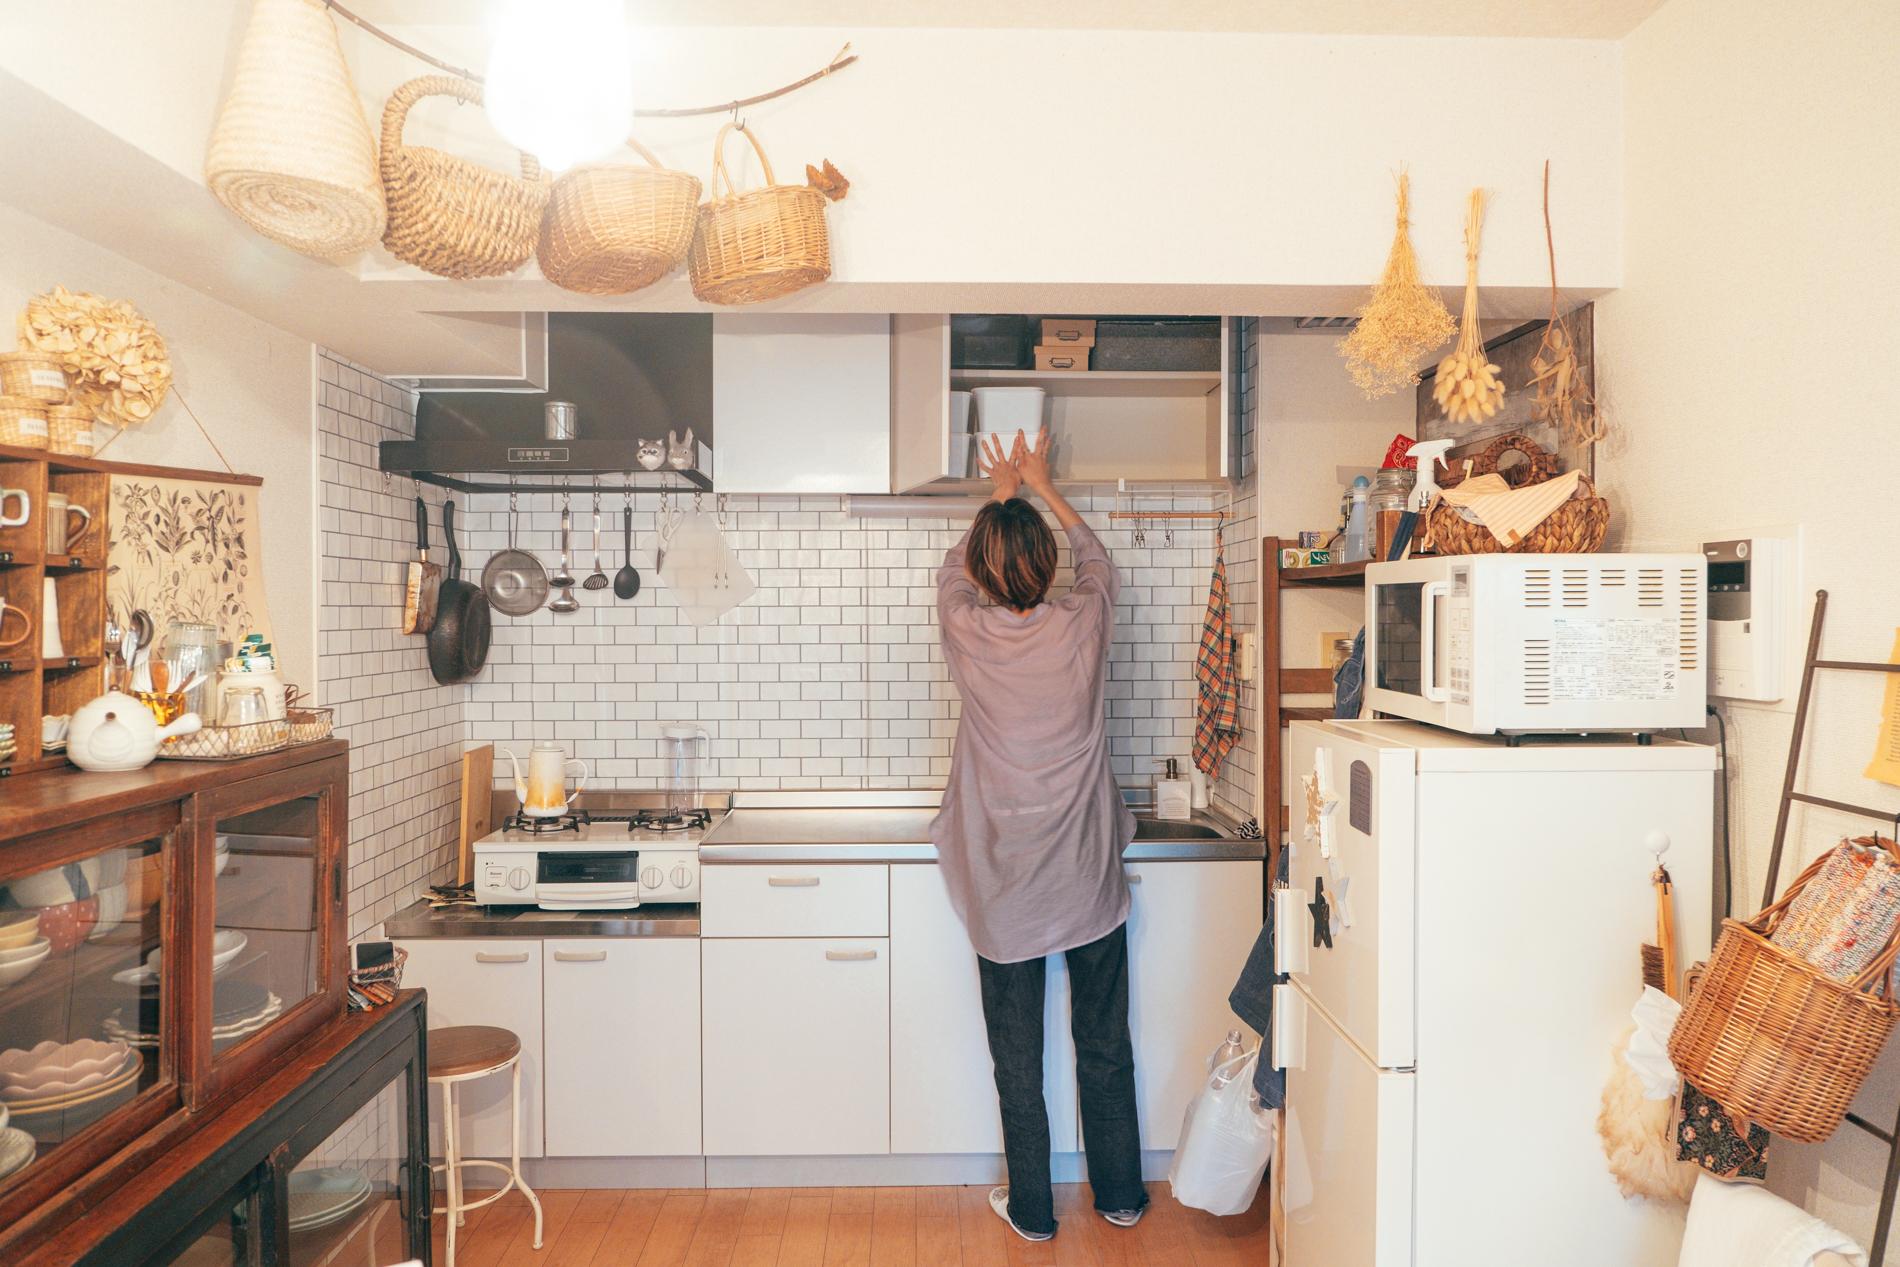 DIYは全て家で行われており、キッチン上の収納にはDIY用のアイテムがびっしり。日頃から作られている様子が伺えます。 「DIYはリビングで行うことが多いので、すぐに取り組みやすいようにと思って、この収納場所になりました。工具に限らず、家のものは使用する場所の近くに収納するというのは大切にしています。」